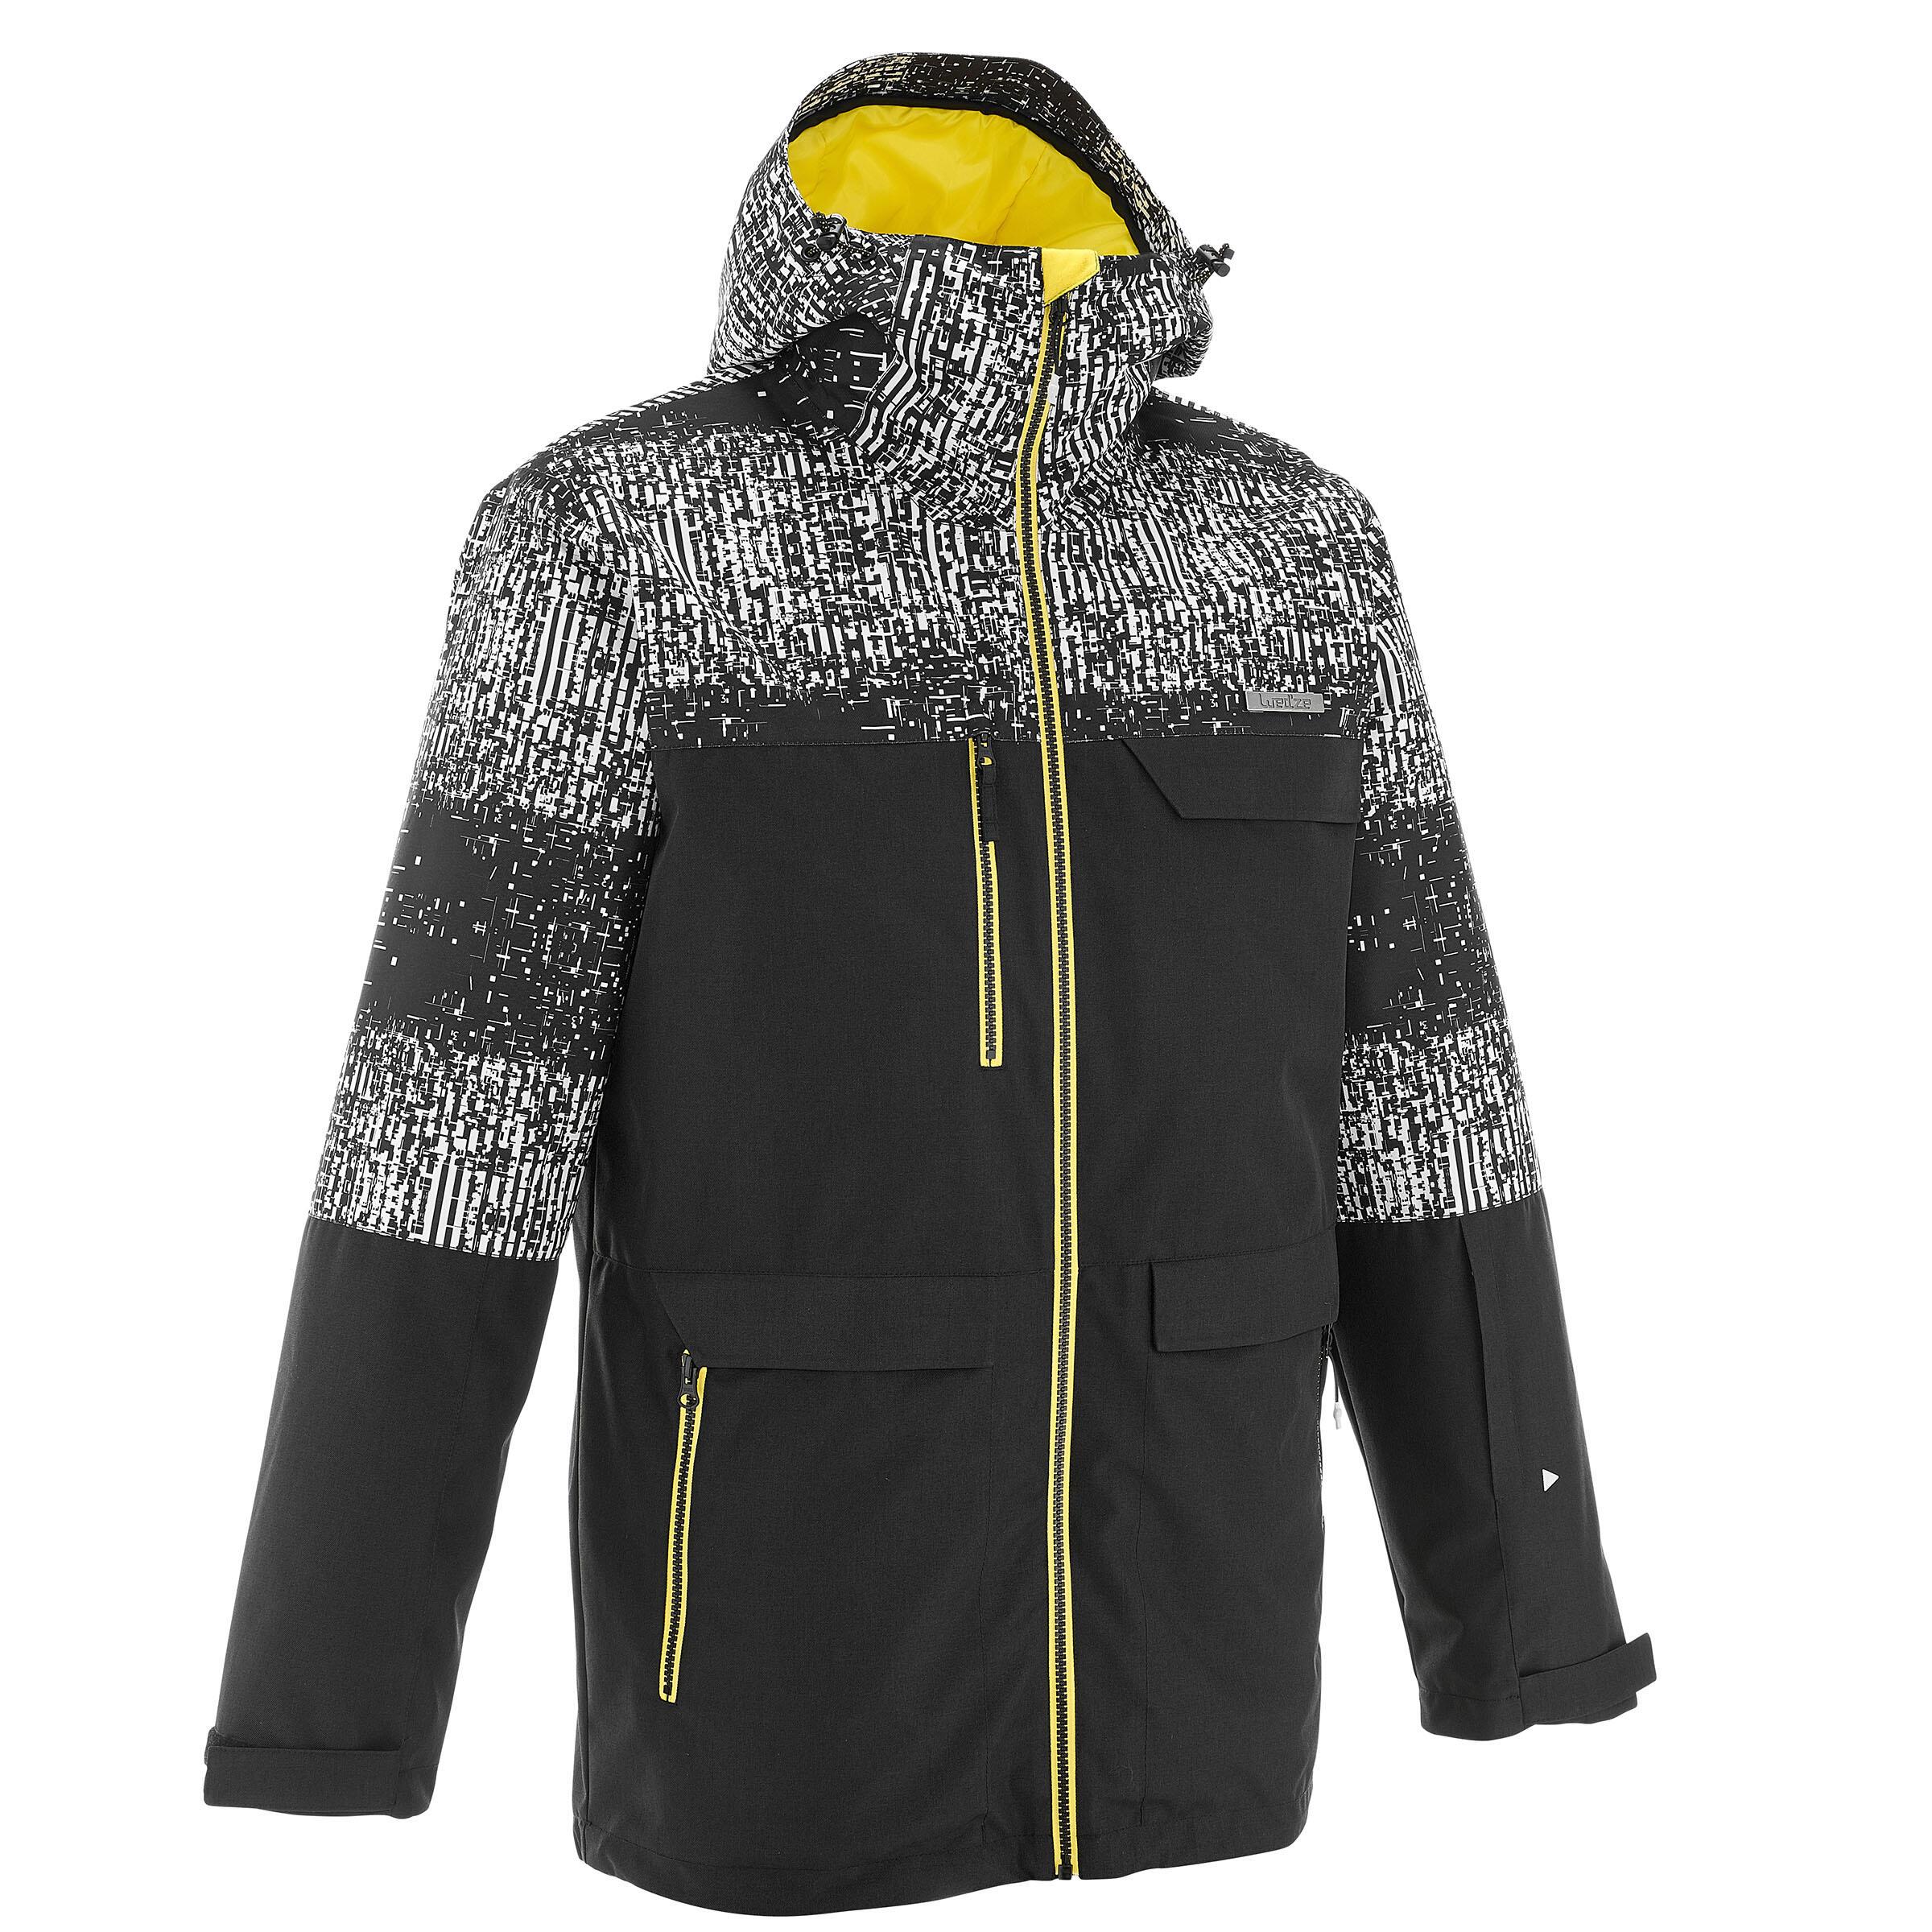 Herren Snowboardjacke SNB JKT 500 Herren Print schwarz | 03608449883306